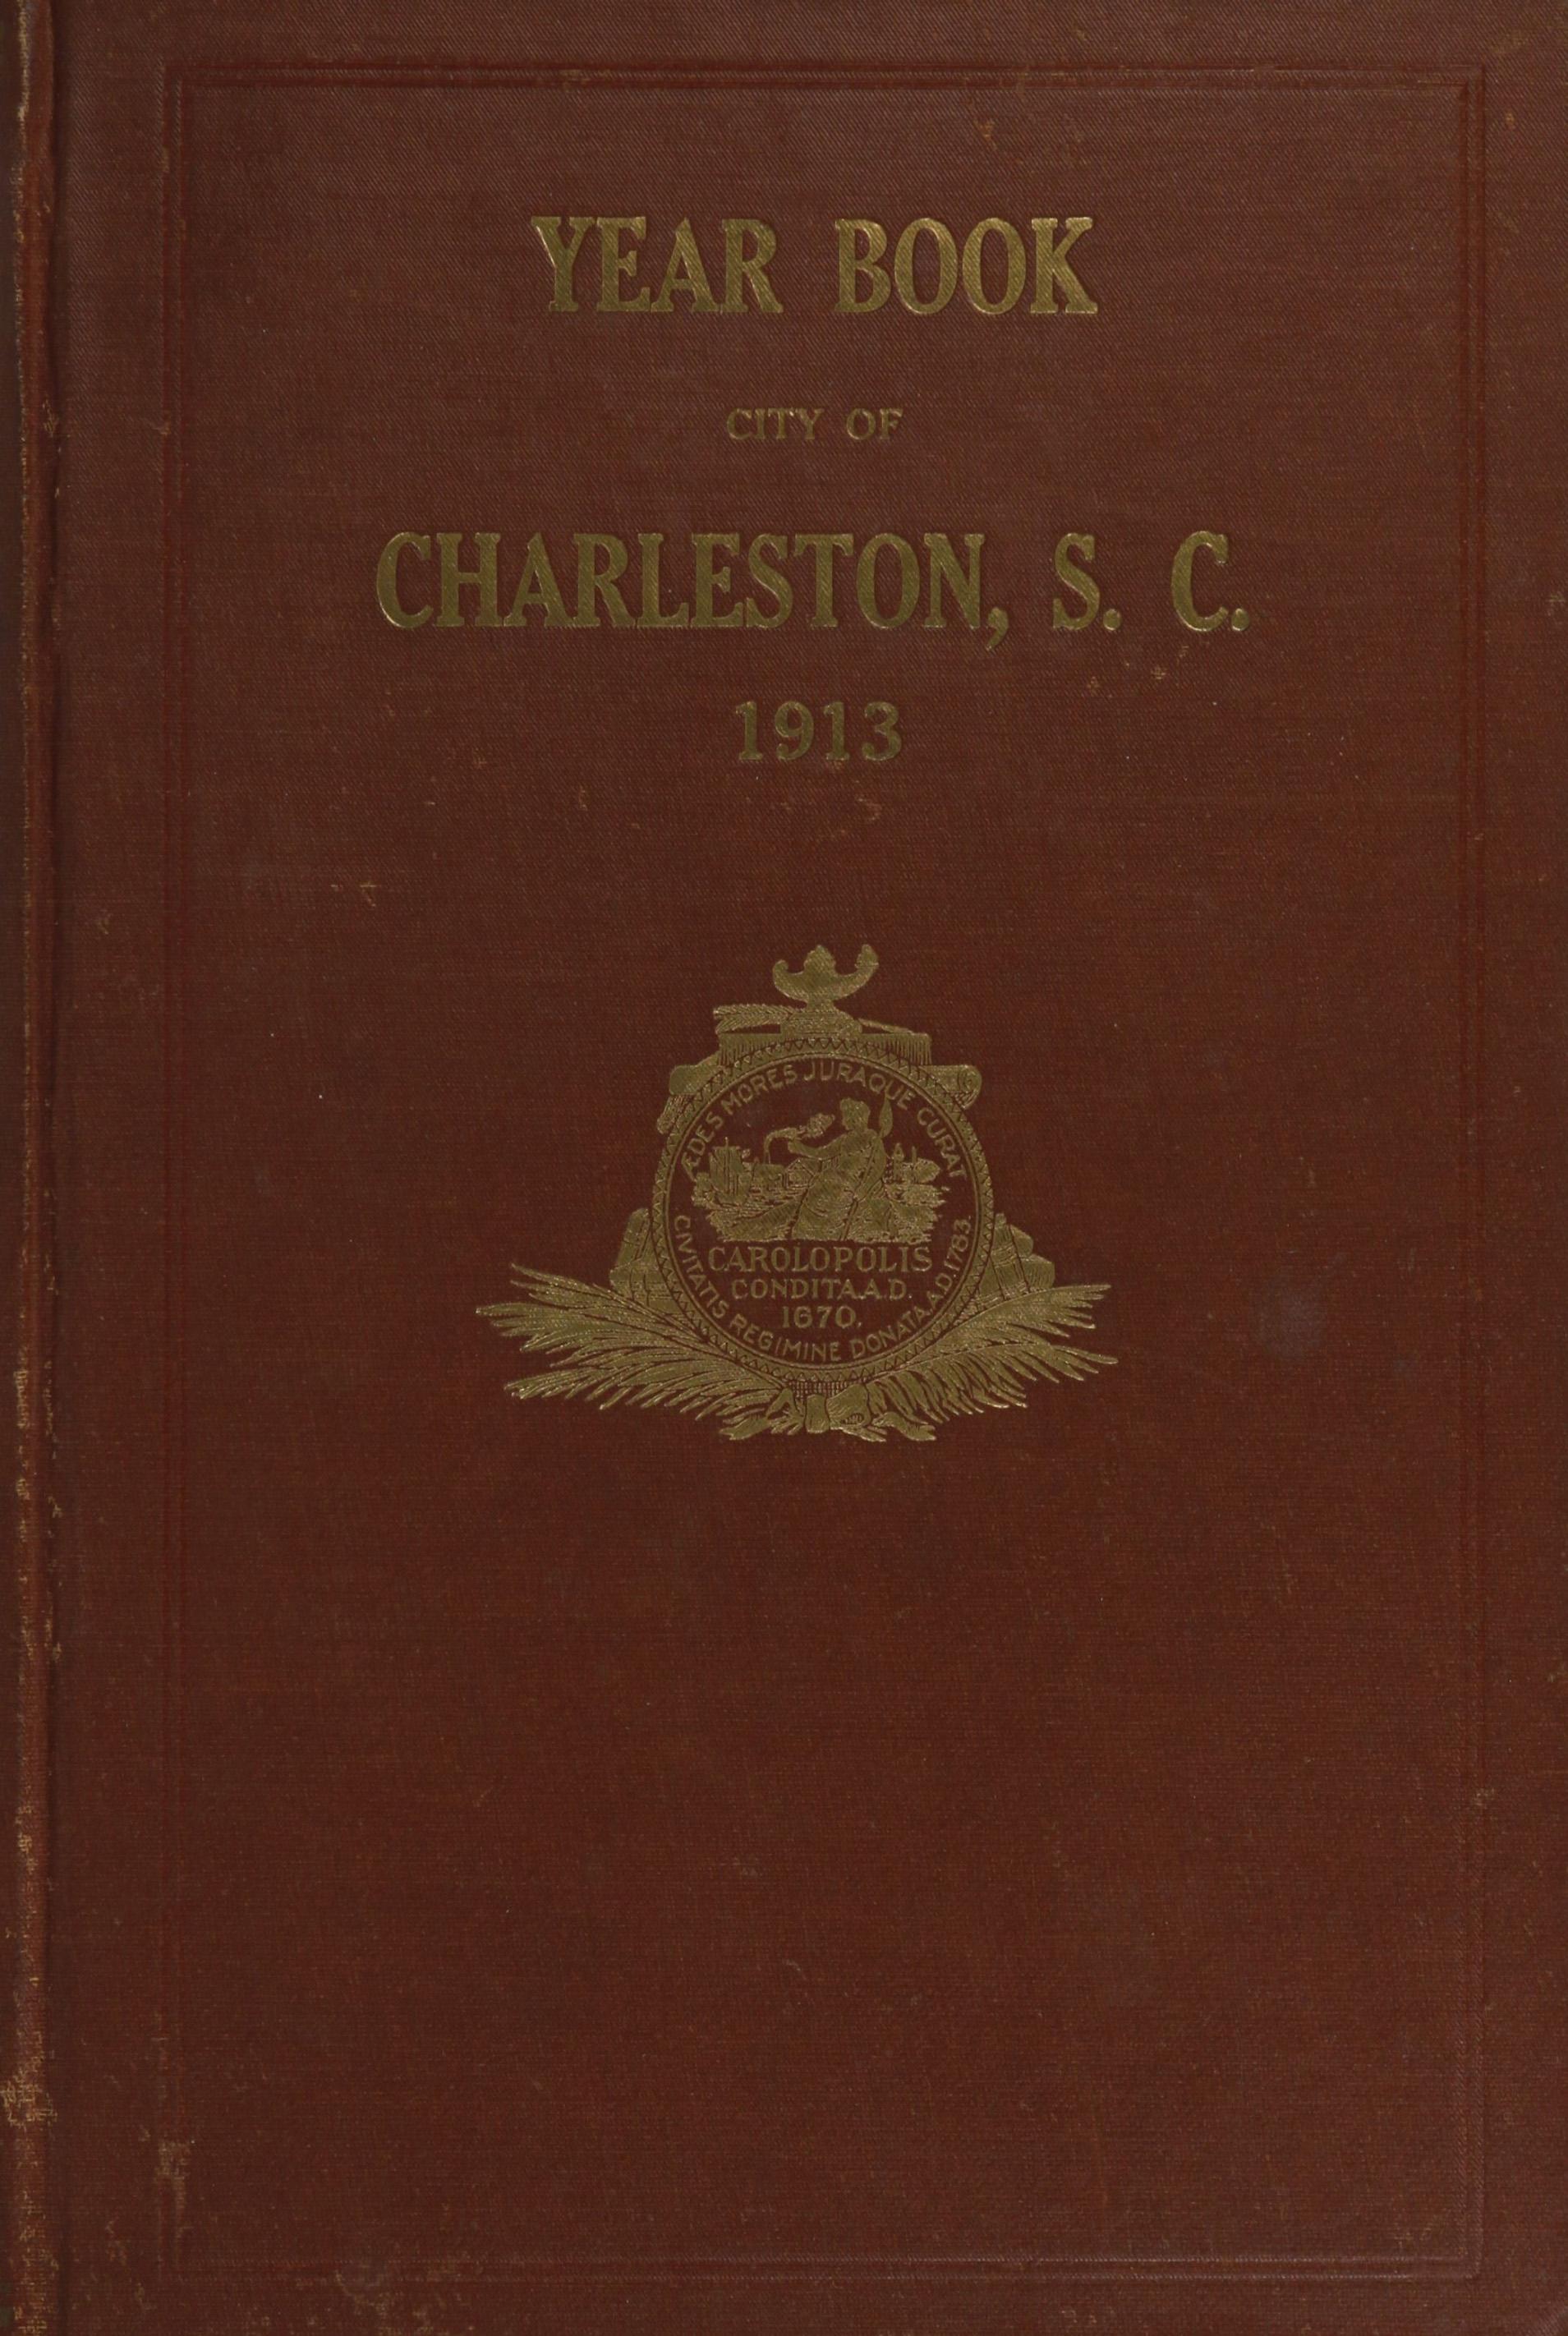 Charleston Yearbook, 1913